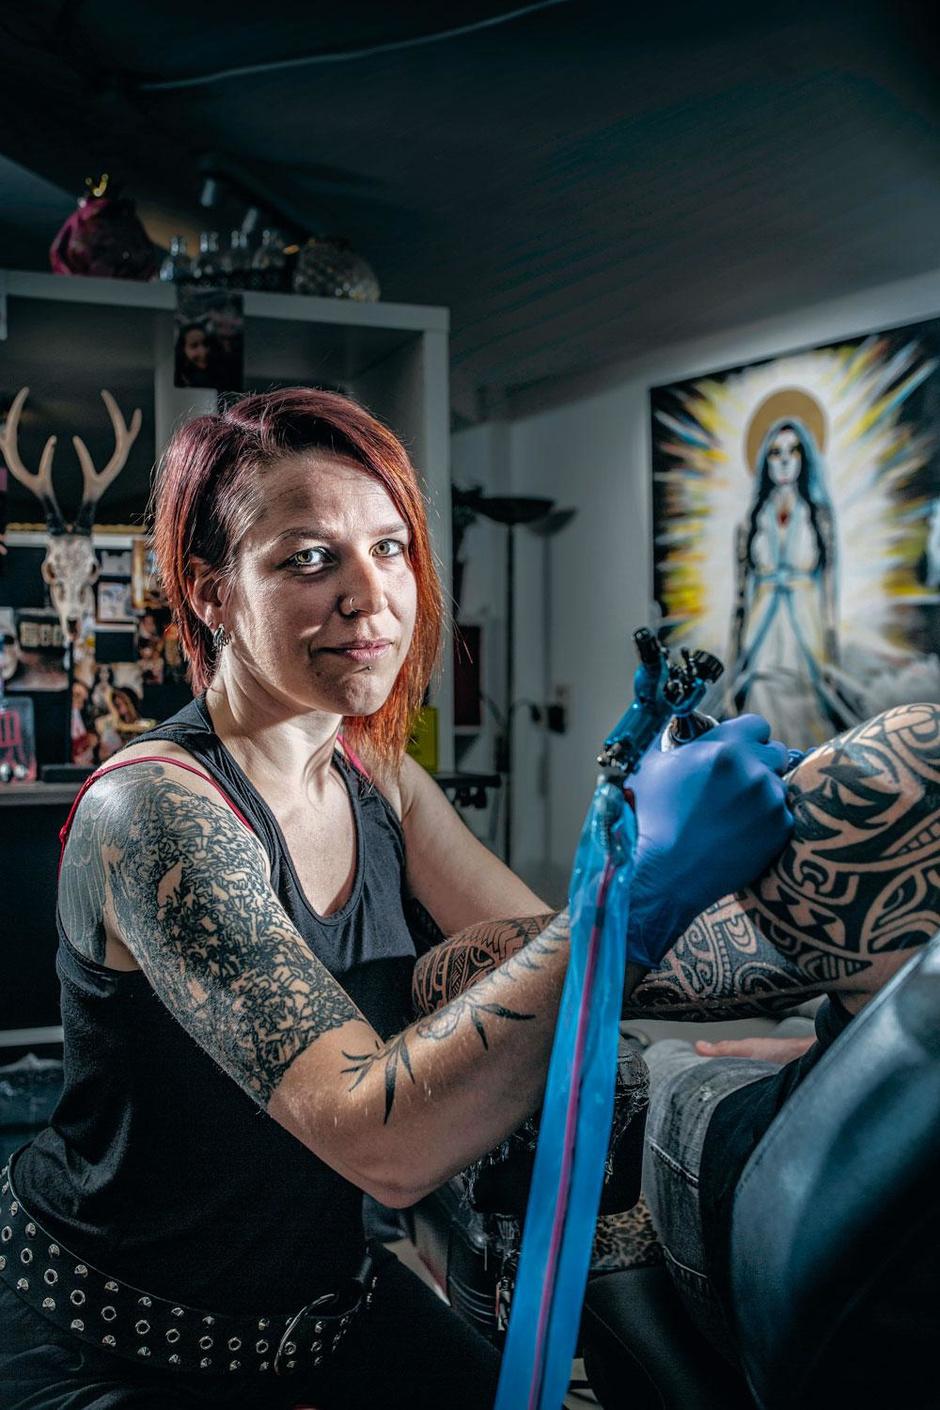 De hype van de tatoeage: 'Met een tattoo geven mensen betekenis aan hun leven'